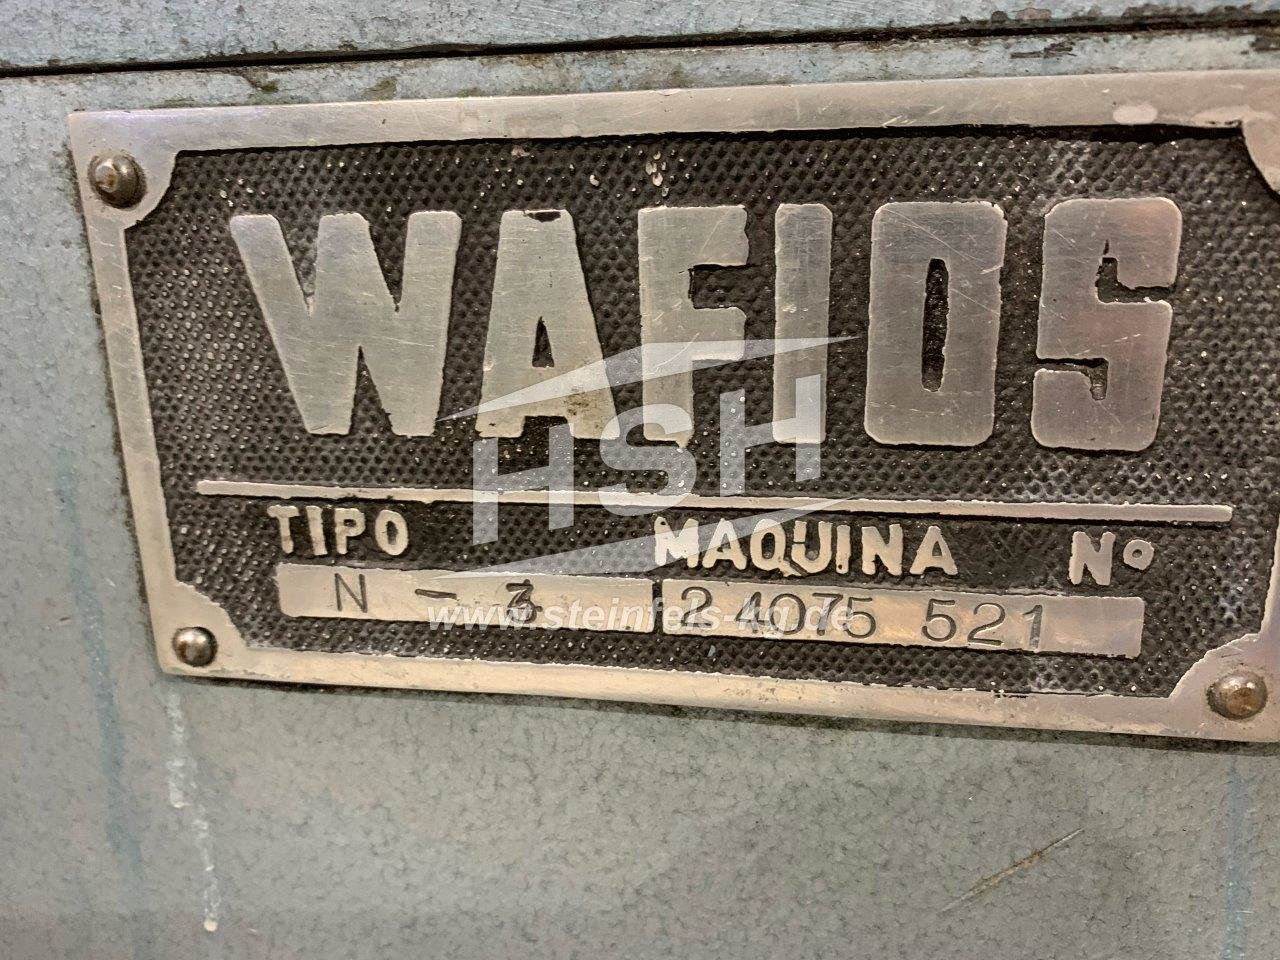 D12L/7802 — WAFIOS — N3 – 1984 – 1,0-2,4 mm